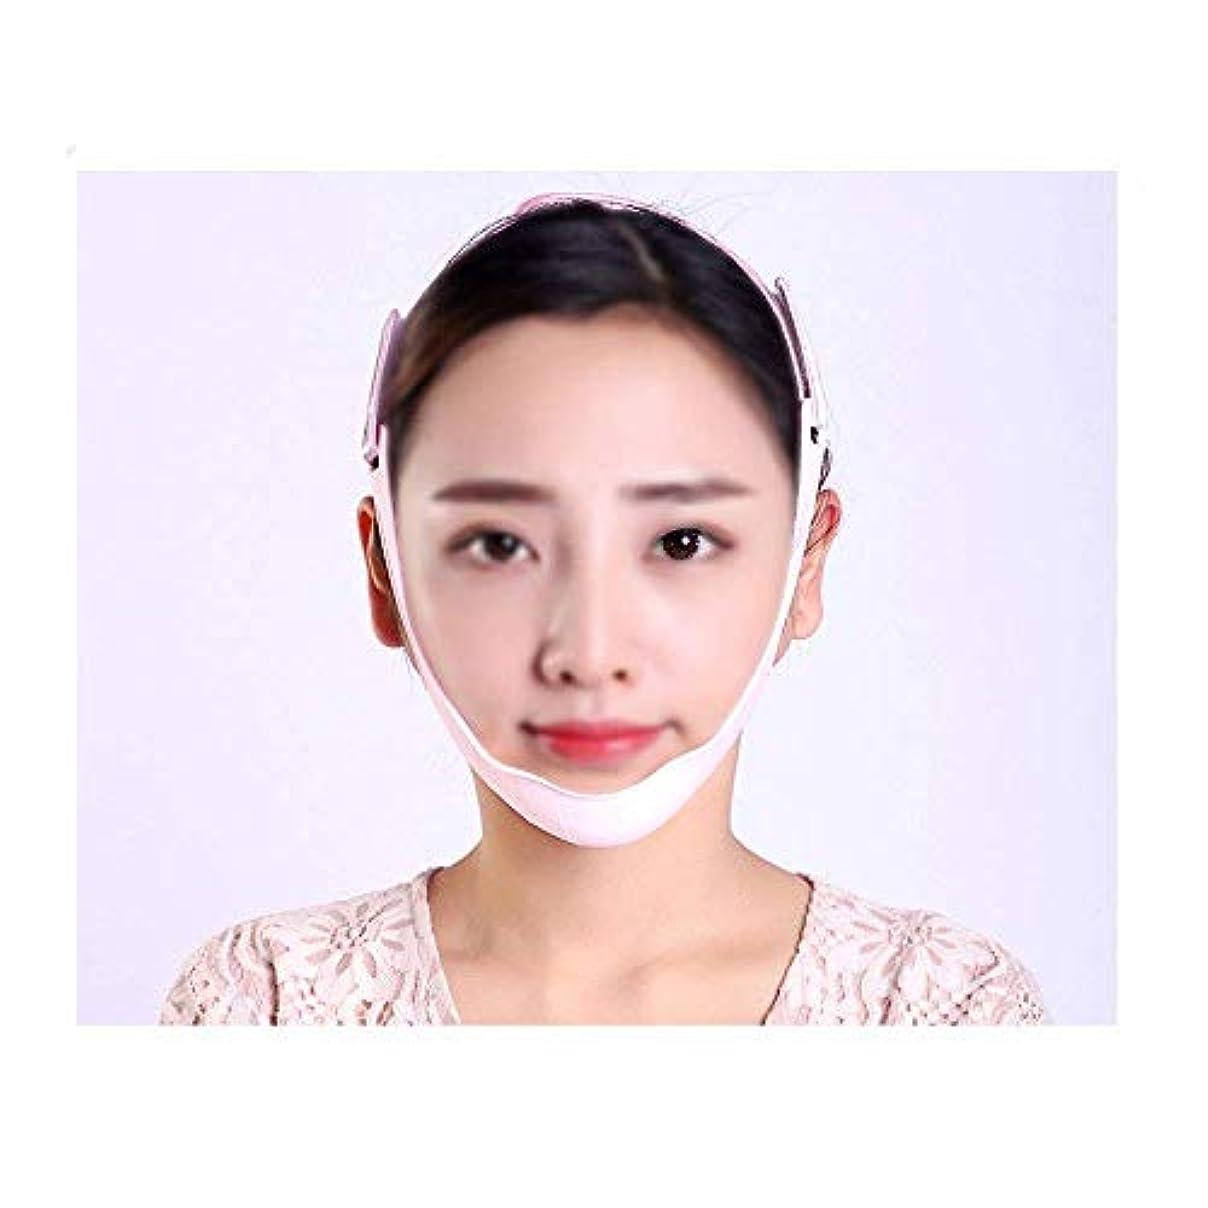 利得政府しかしフェイシャルリフティングマスク、リフティングフェイシャルファーミングアーティファクト/マッサージ器薄い顔の包帯/通気性ダブルチンスリミングマスク